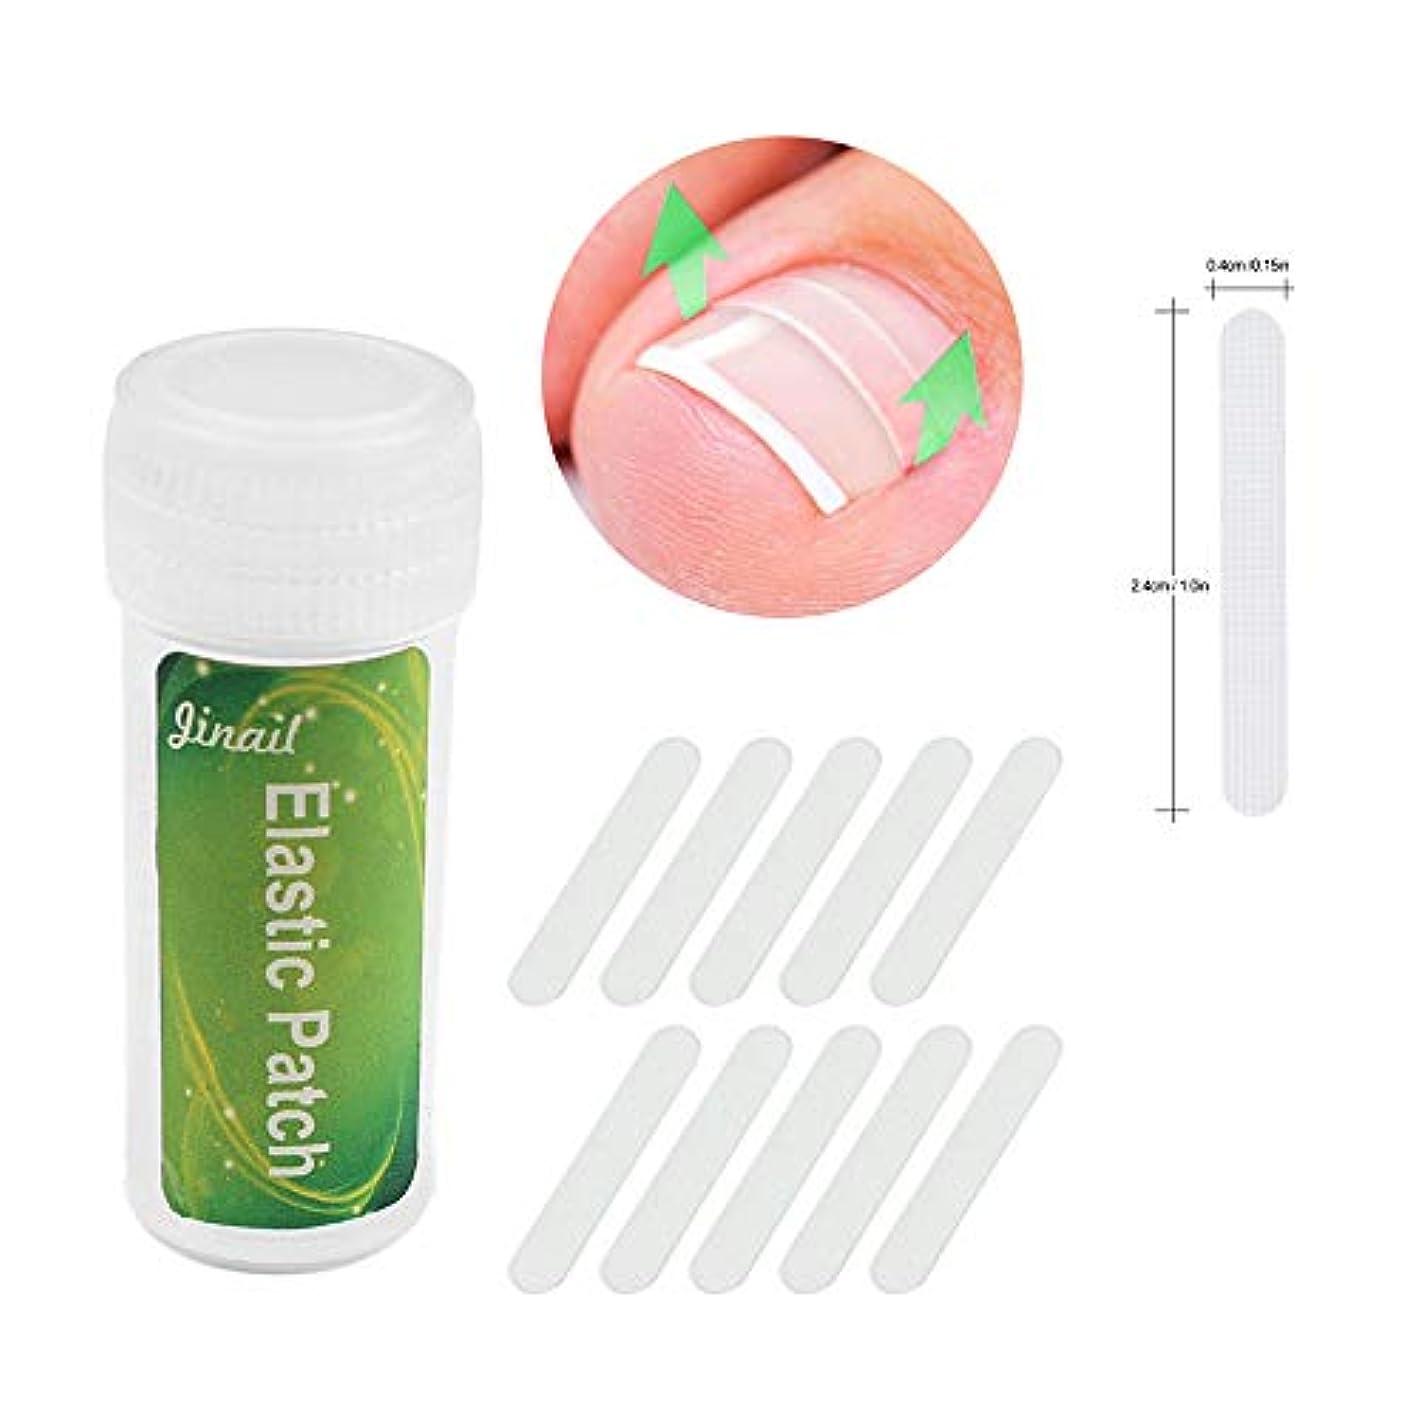 環境に優しい一元化するアグネスグレイDecdeal 巻き爪 ケアテープ 10本 巻き爪矯正テープ 巻き爪の修正用弾性パッチ 爪修正パッチ 足のケアツール